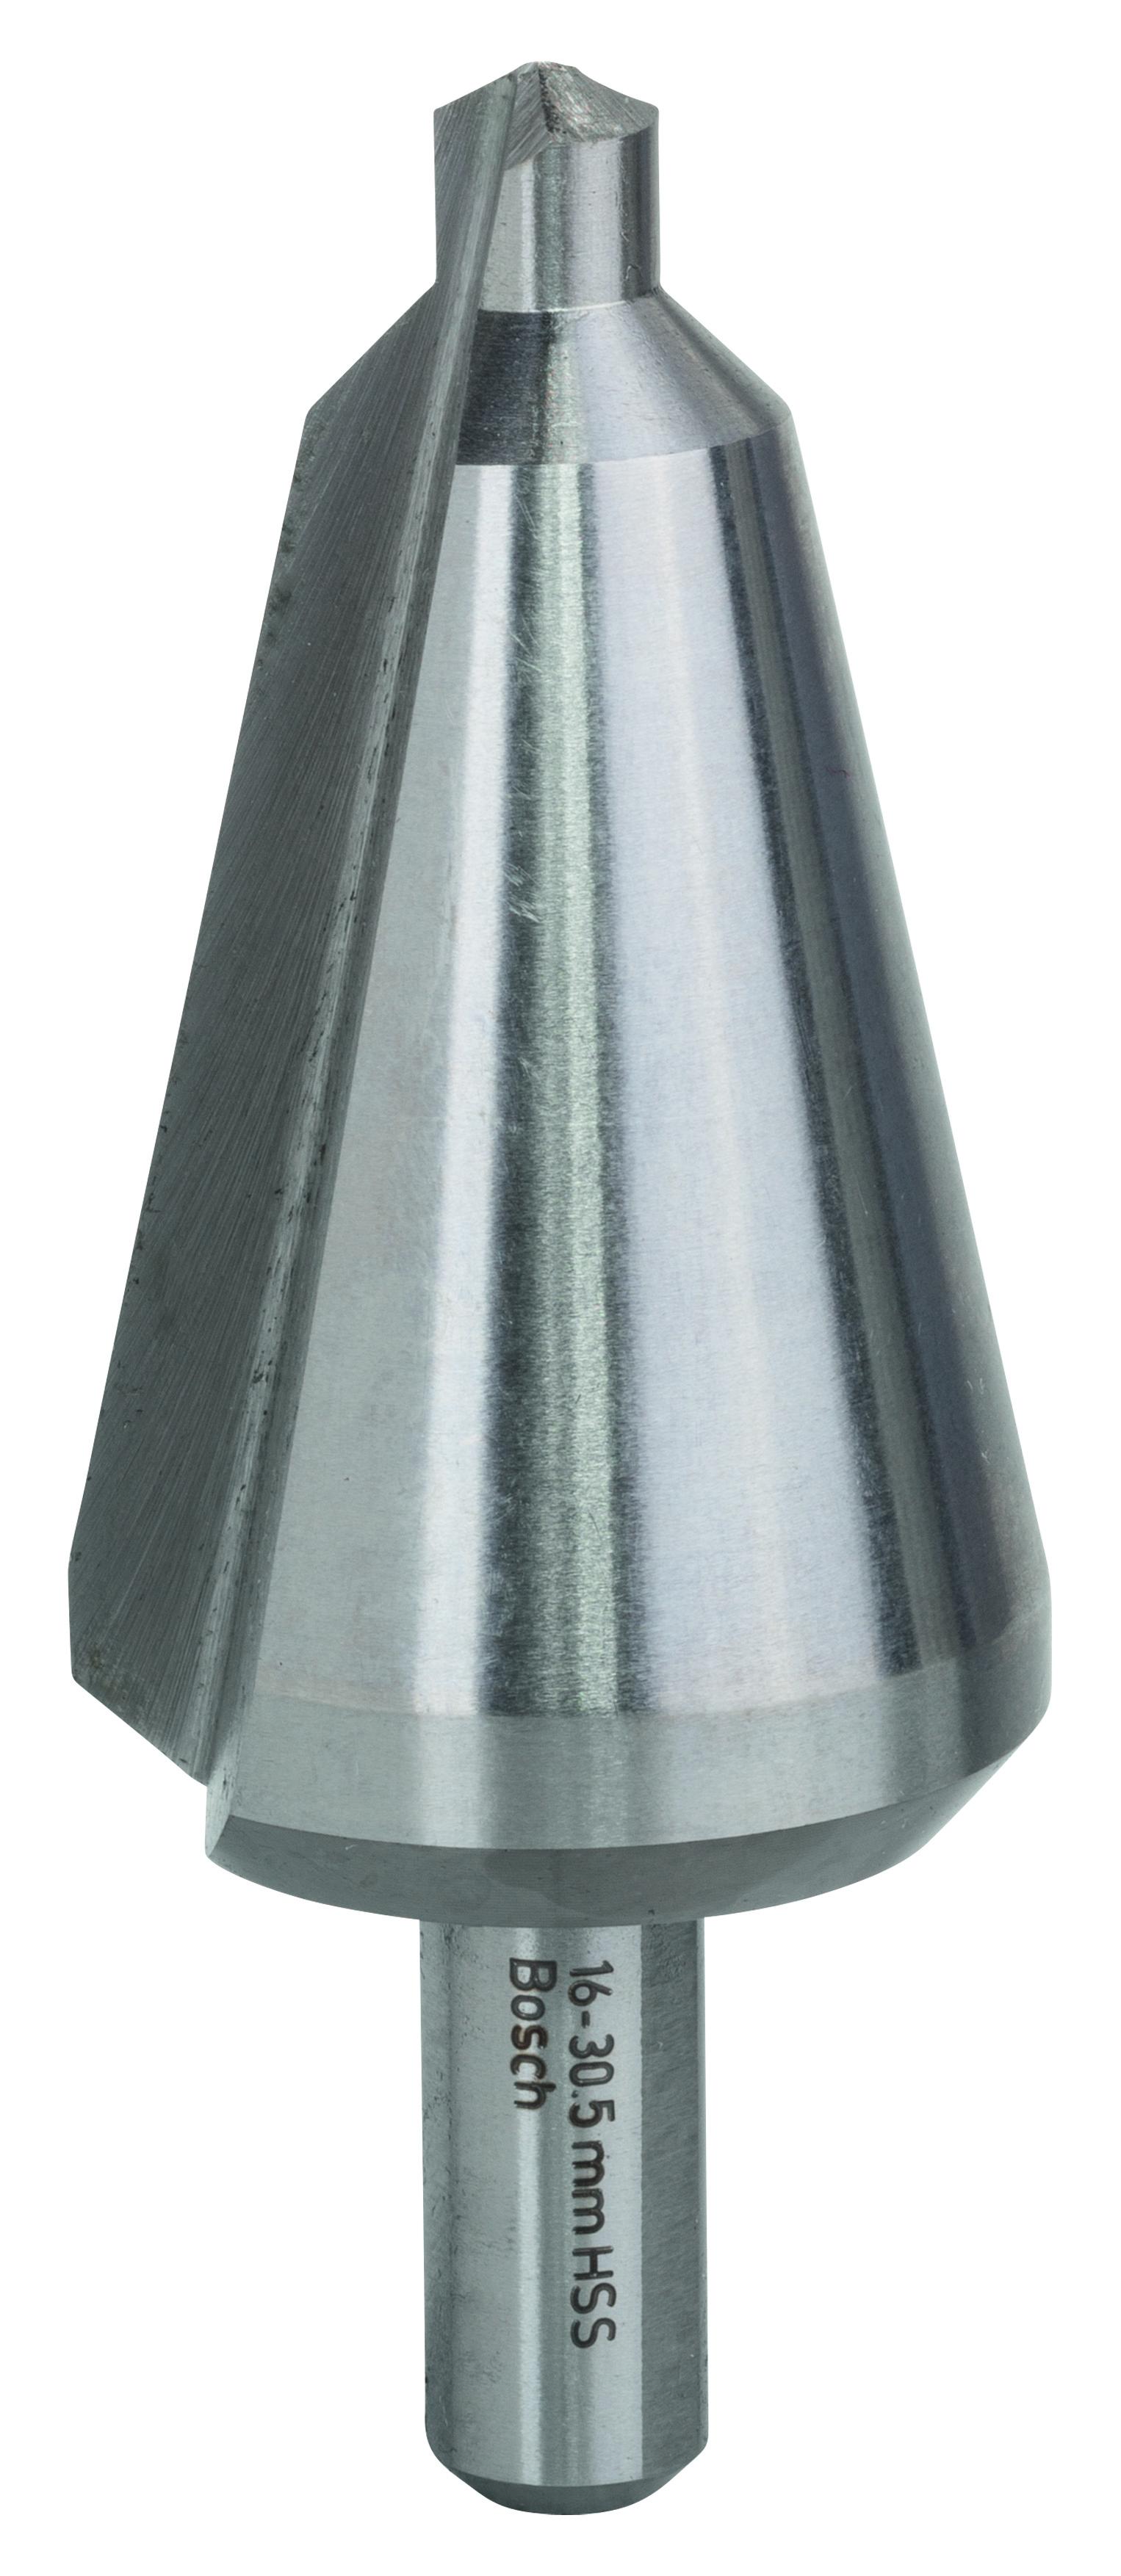 Image of   Antennefræser, cylindrisk 16-30,5 mm, 76 mm, 9 mm